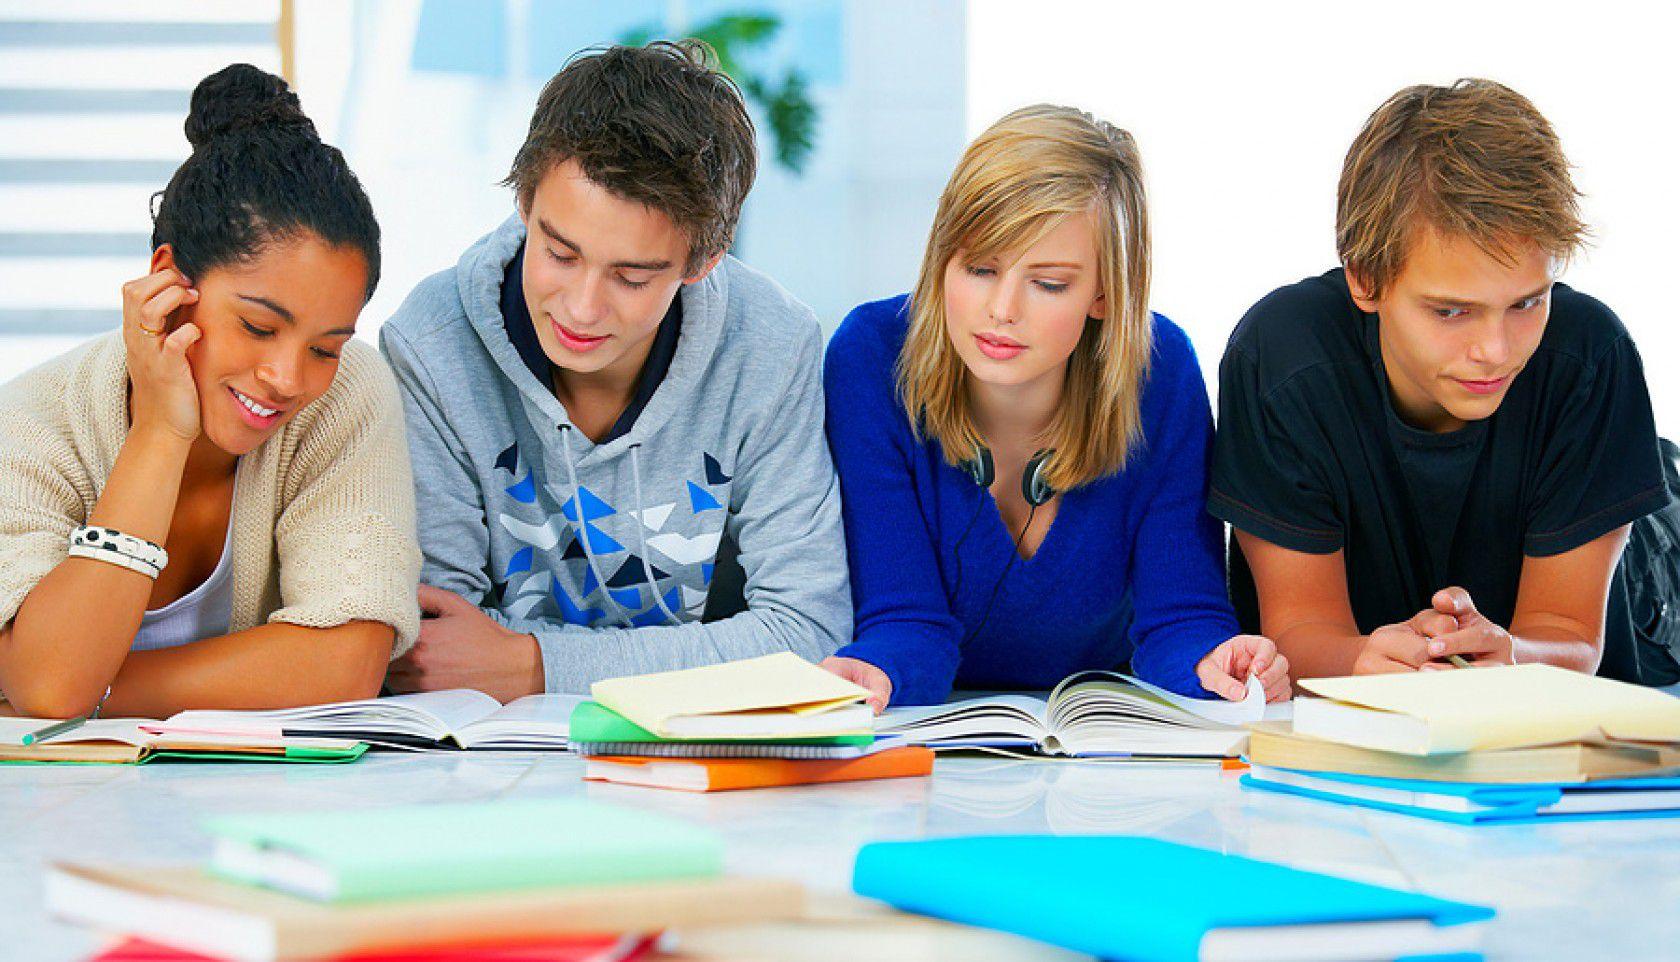 İsviçre Kolejleri Giriş Sınavı Hangileridir?